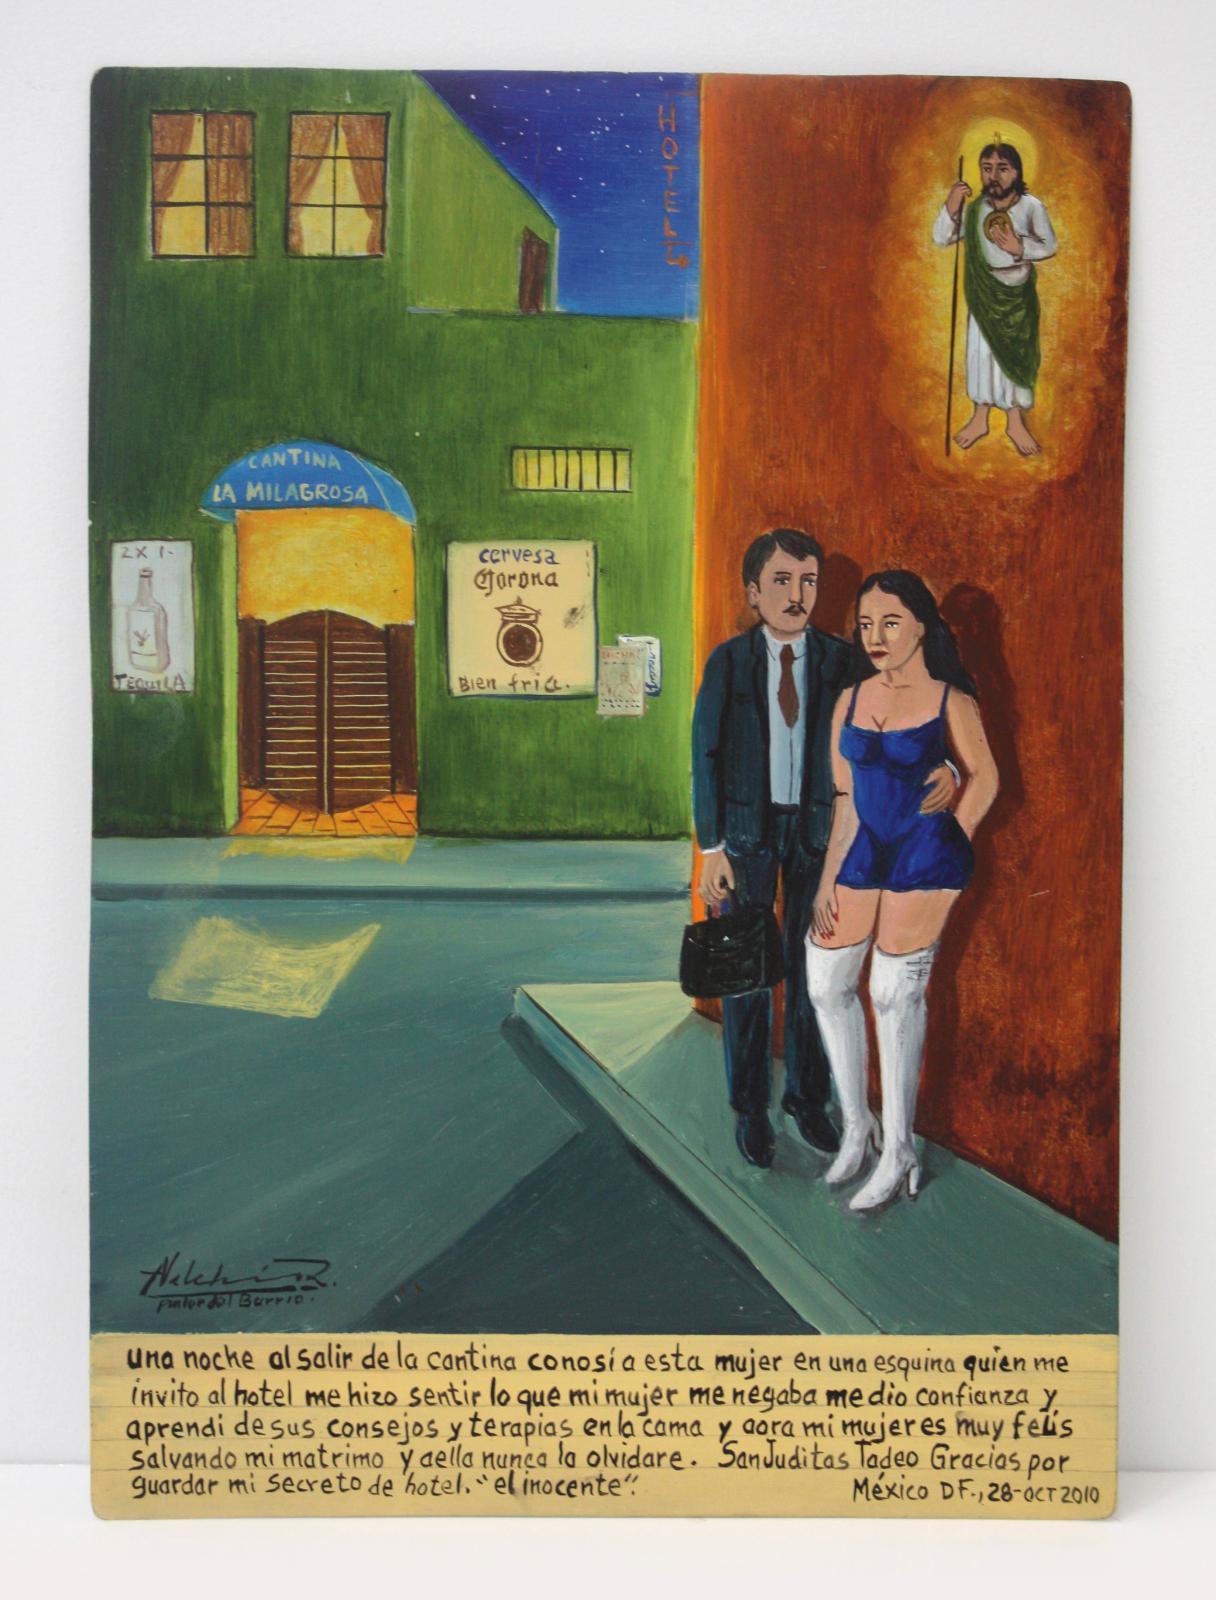 Alfredo Vilchis-Roque (né en 1959), L'Innocent, ex-voto contemporain mexicain, huile sur métal, 25x35cm. Galerie Frédéric Moisan, Paris